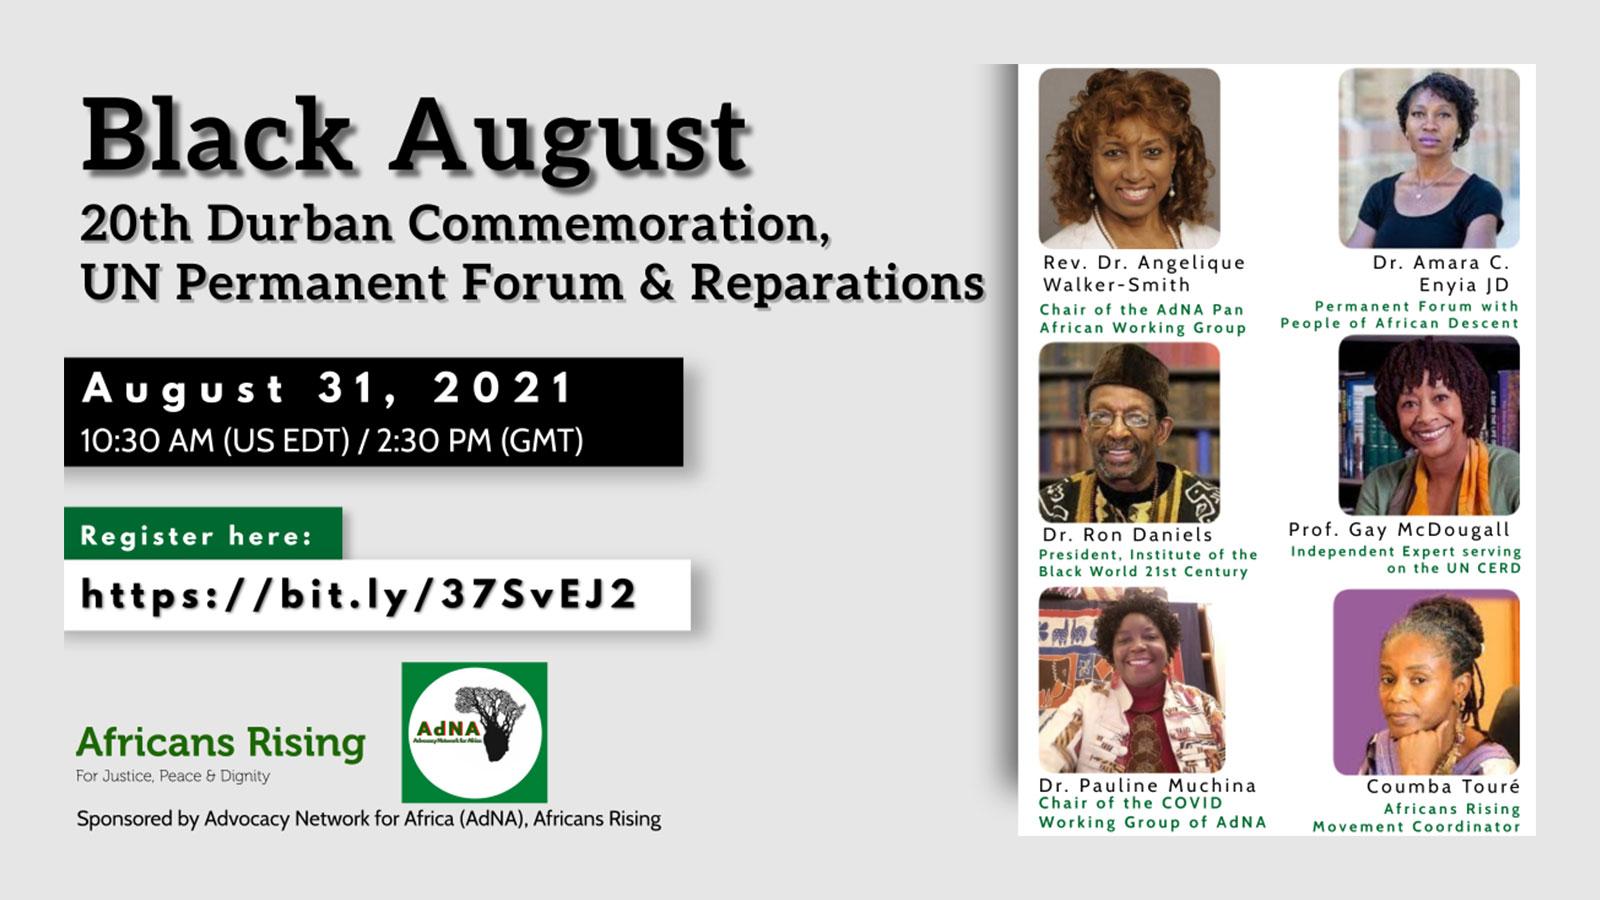 Black August: 20th Durban Commemoration, UN Permanent Forum & Reparations